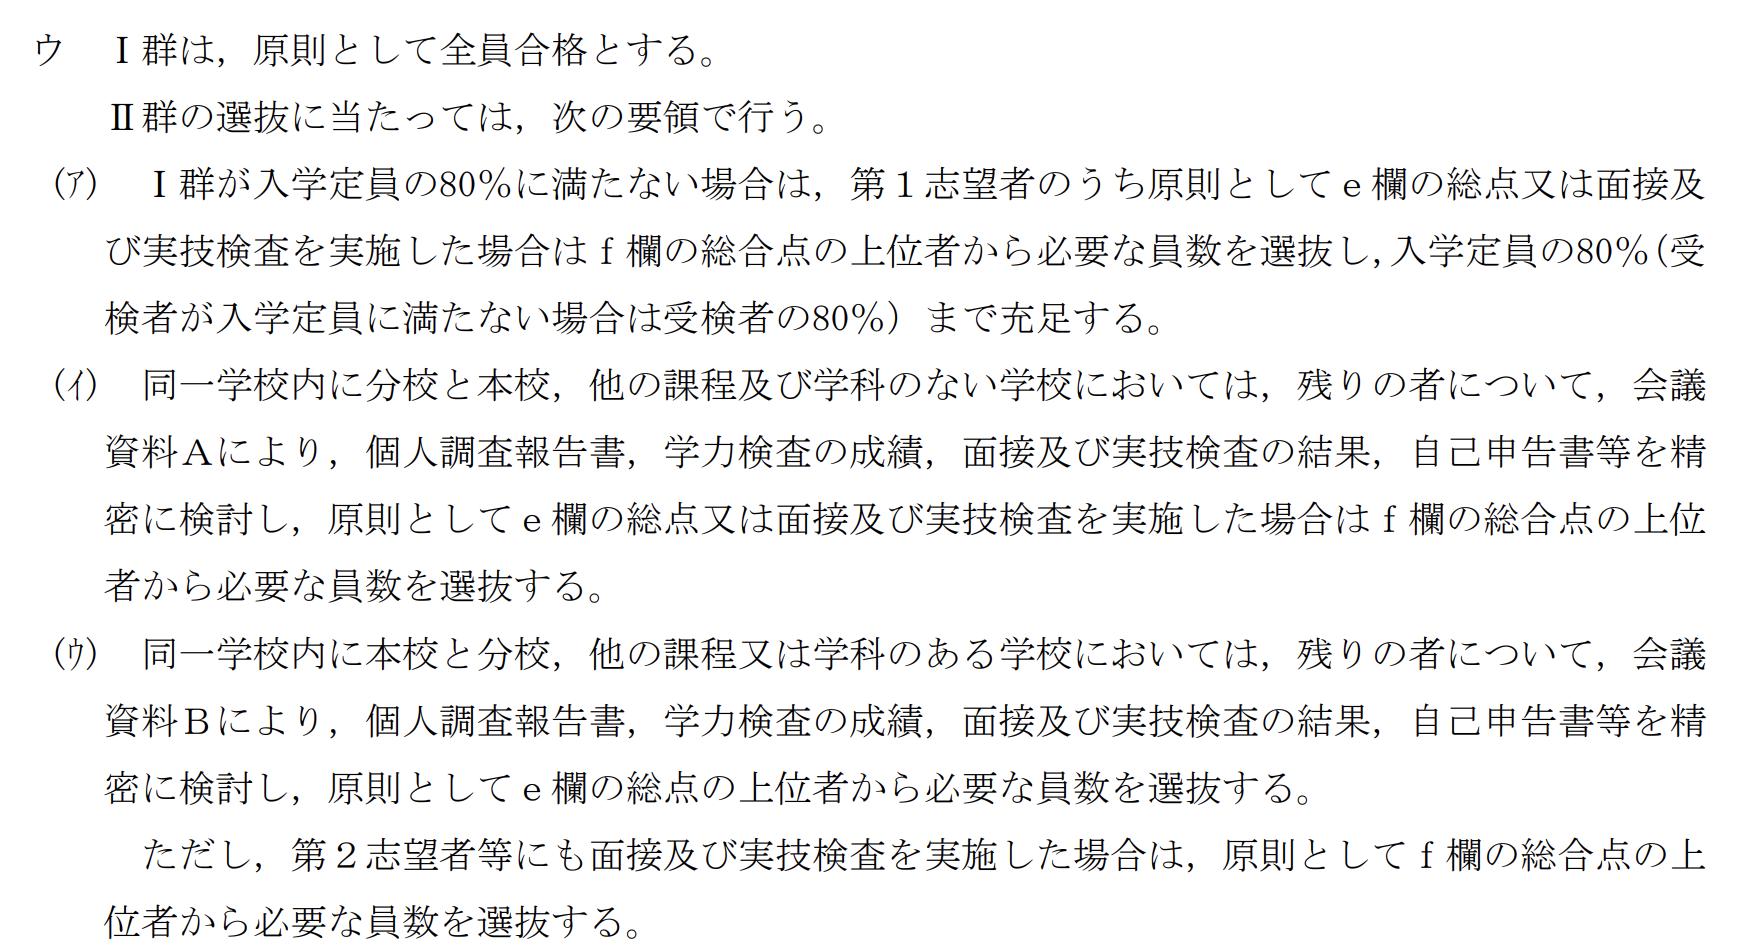 島根県公立高校入試制度6